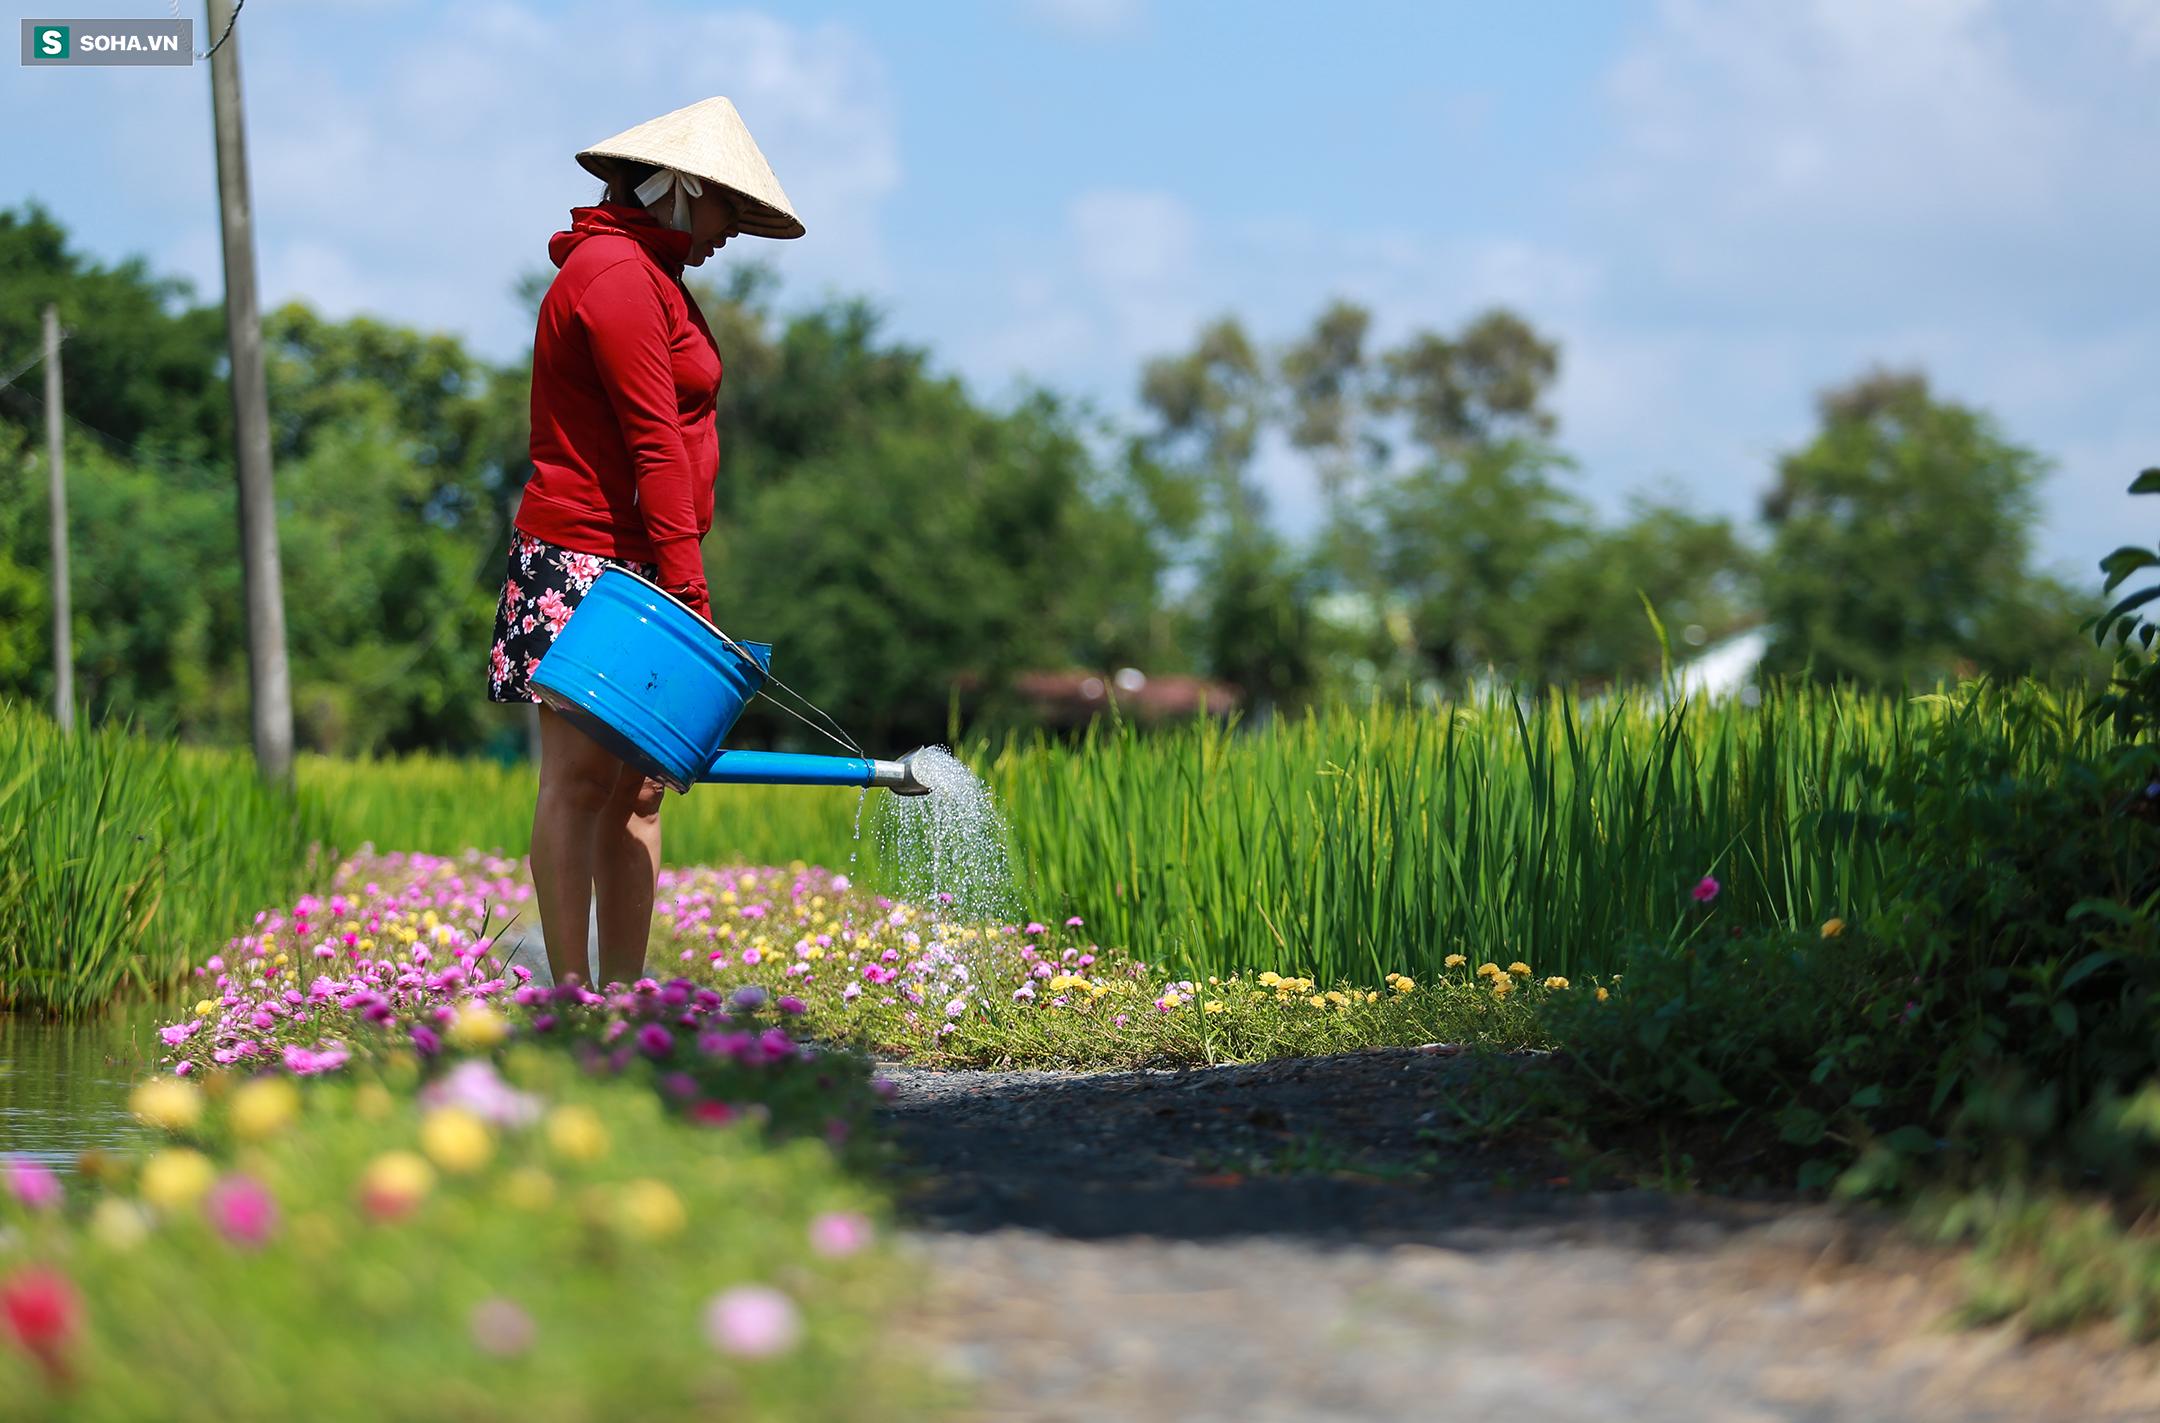 [Ảnh] Con đường hoa mười giờ len lỏi giữa đồng lúa xanh đẹp như tranh ở Sài Gòn - Ảnh 3.